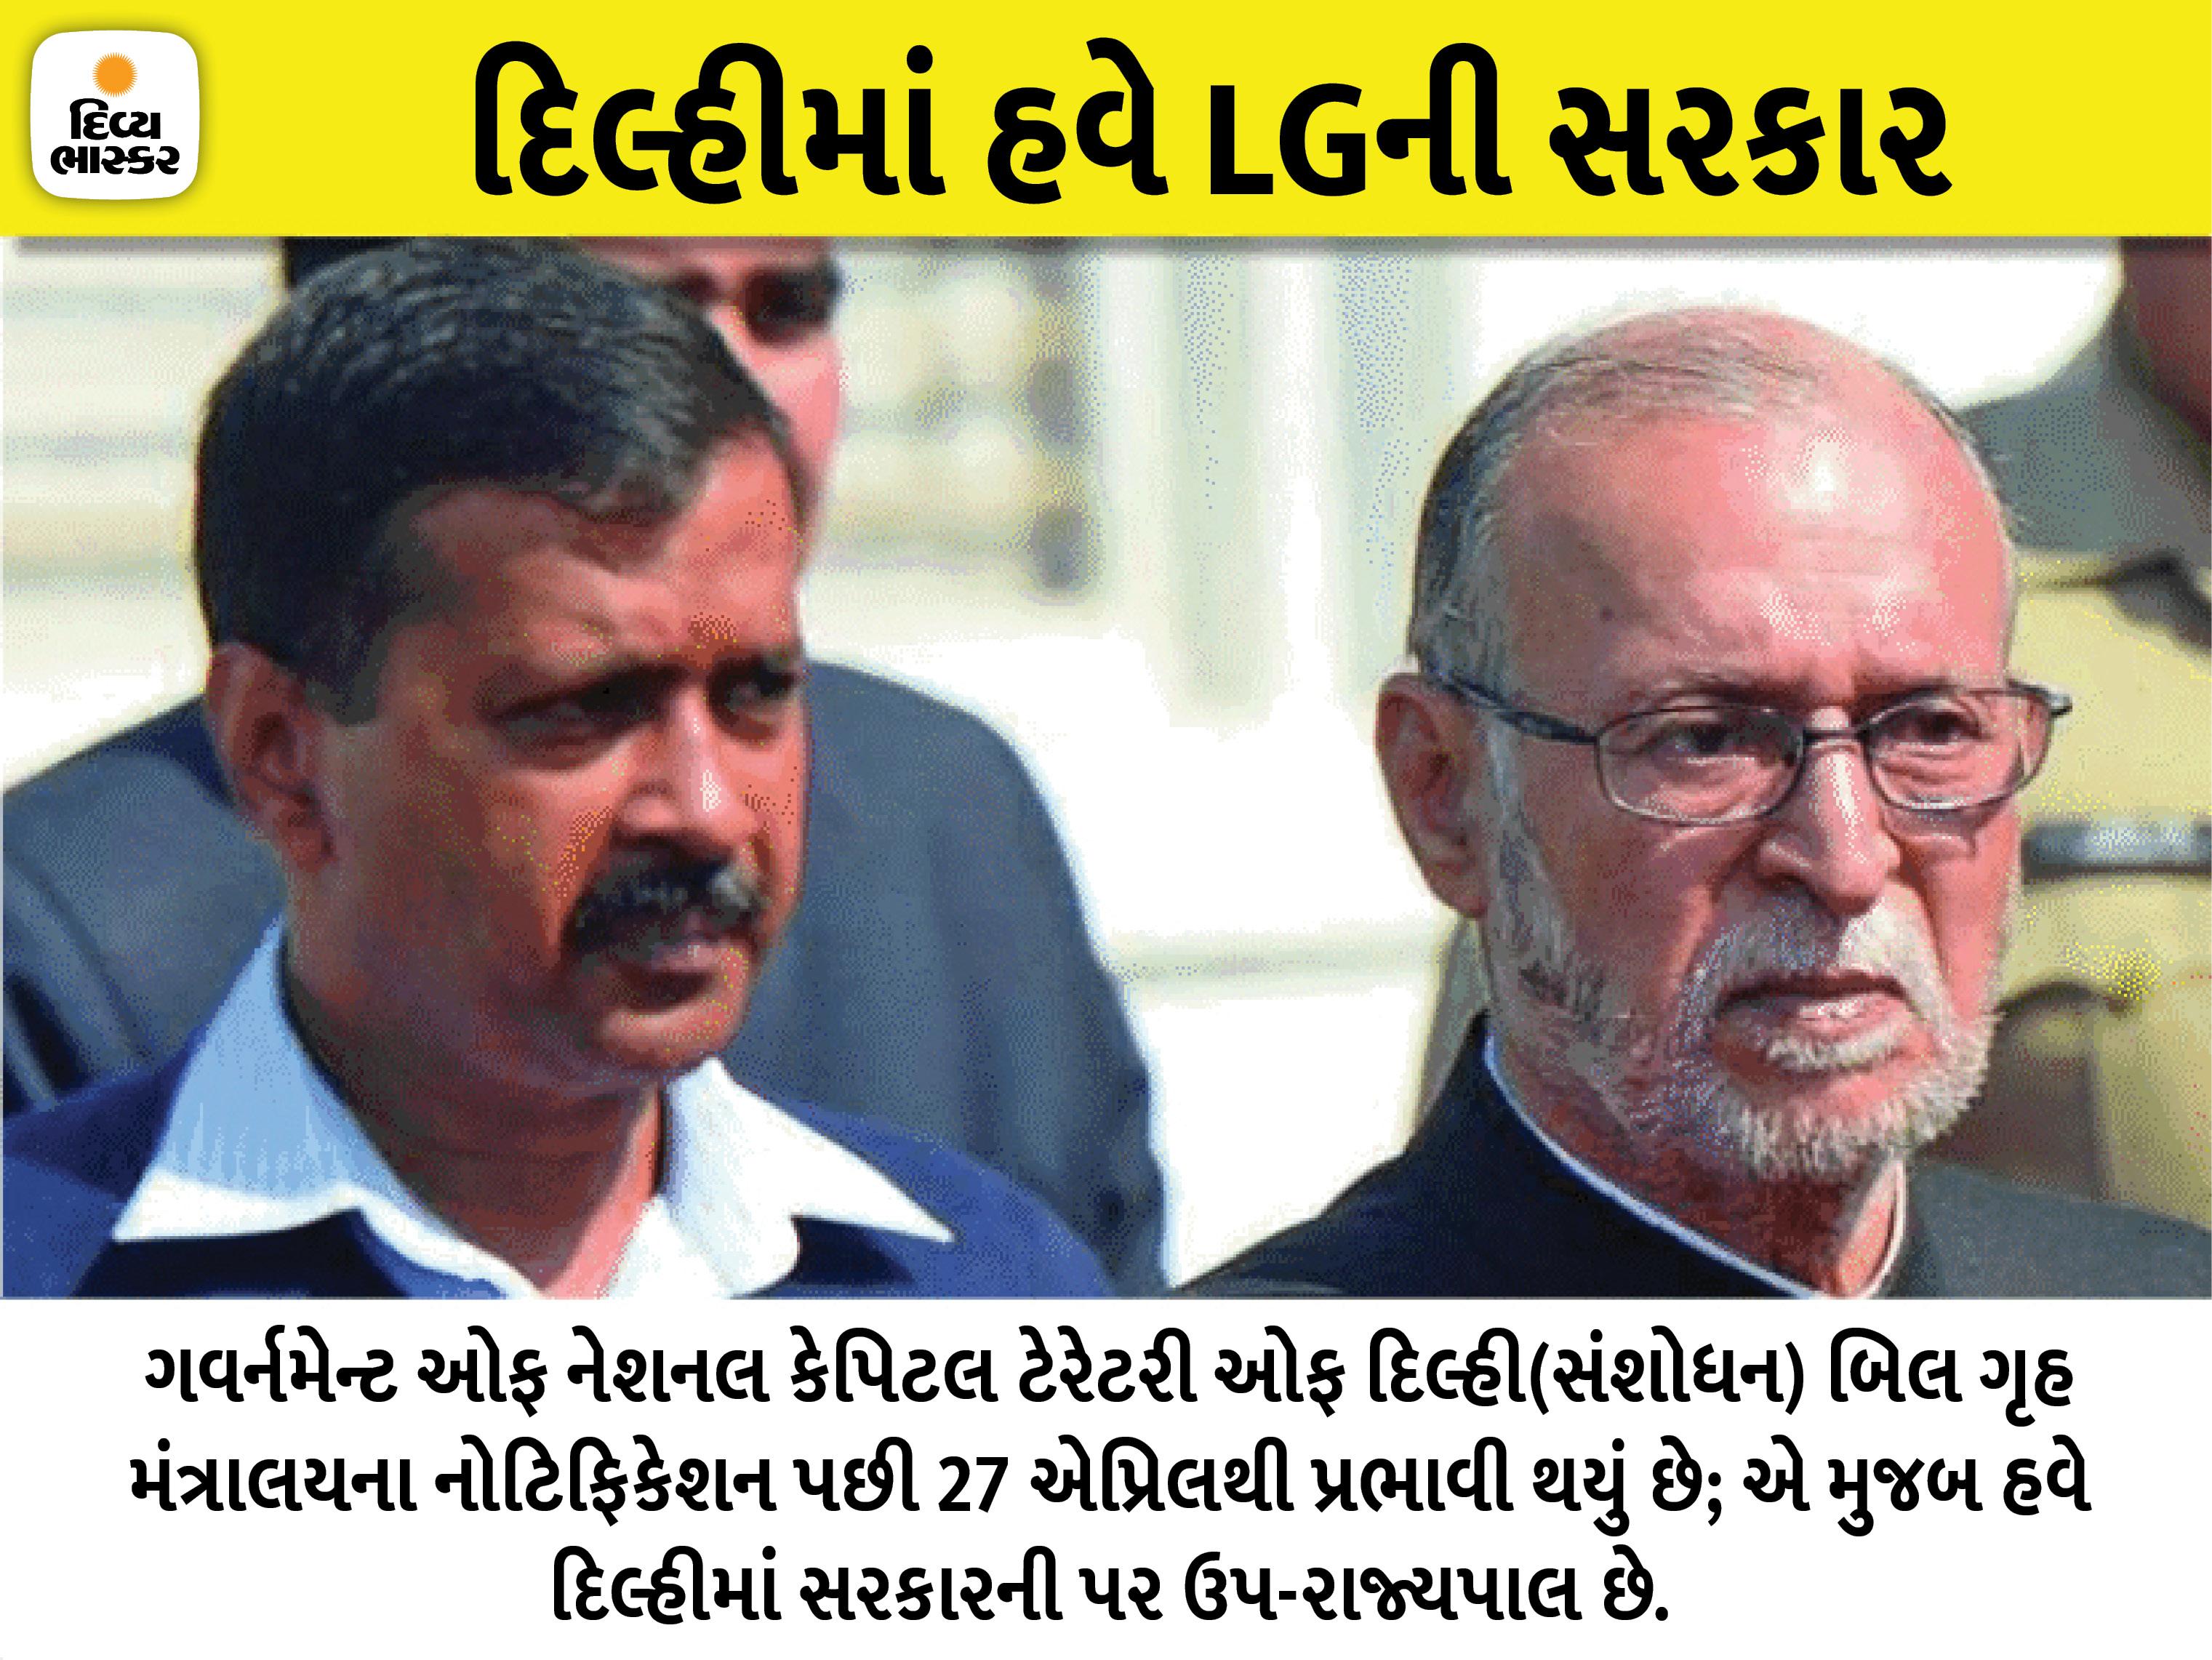 દિલ્હીમાં GNCTD બિલ લાગુ, કેજરીવાલ સરકારને કોઈપણ નિર્ણય પહેલાં ઉપ-રાજ્યપાલની મંજૂરી લેવી પડશે ઈન્ડિયા,National - Divya Bhaskar